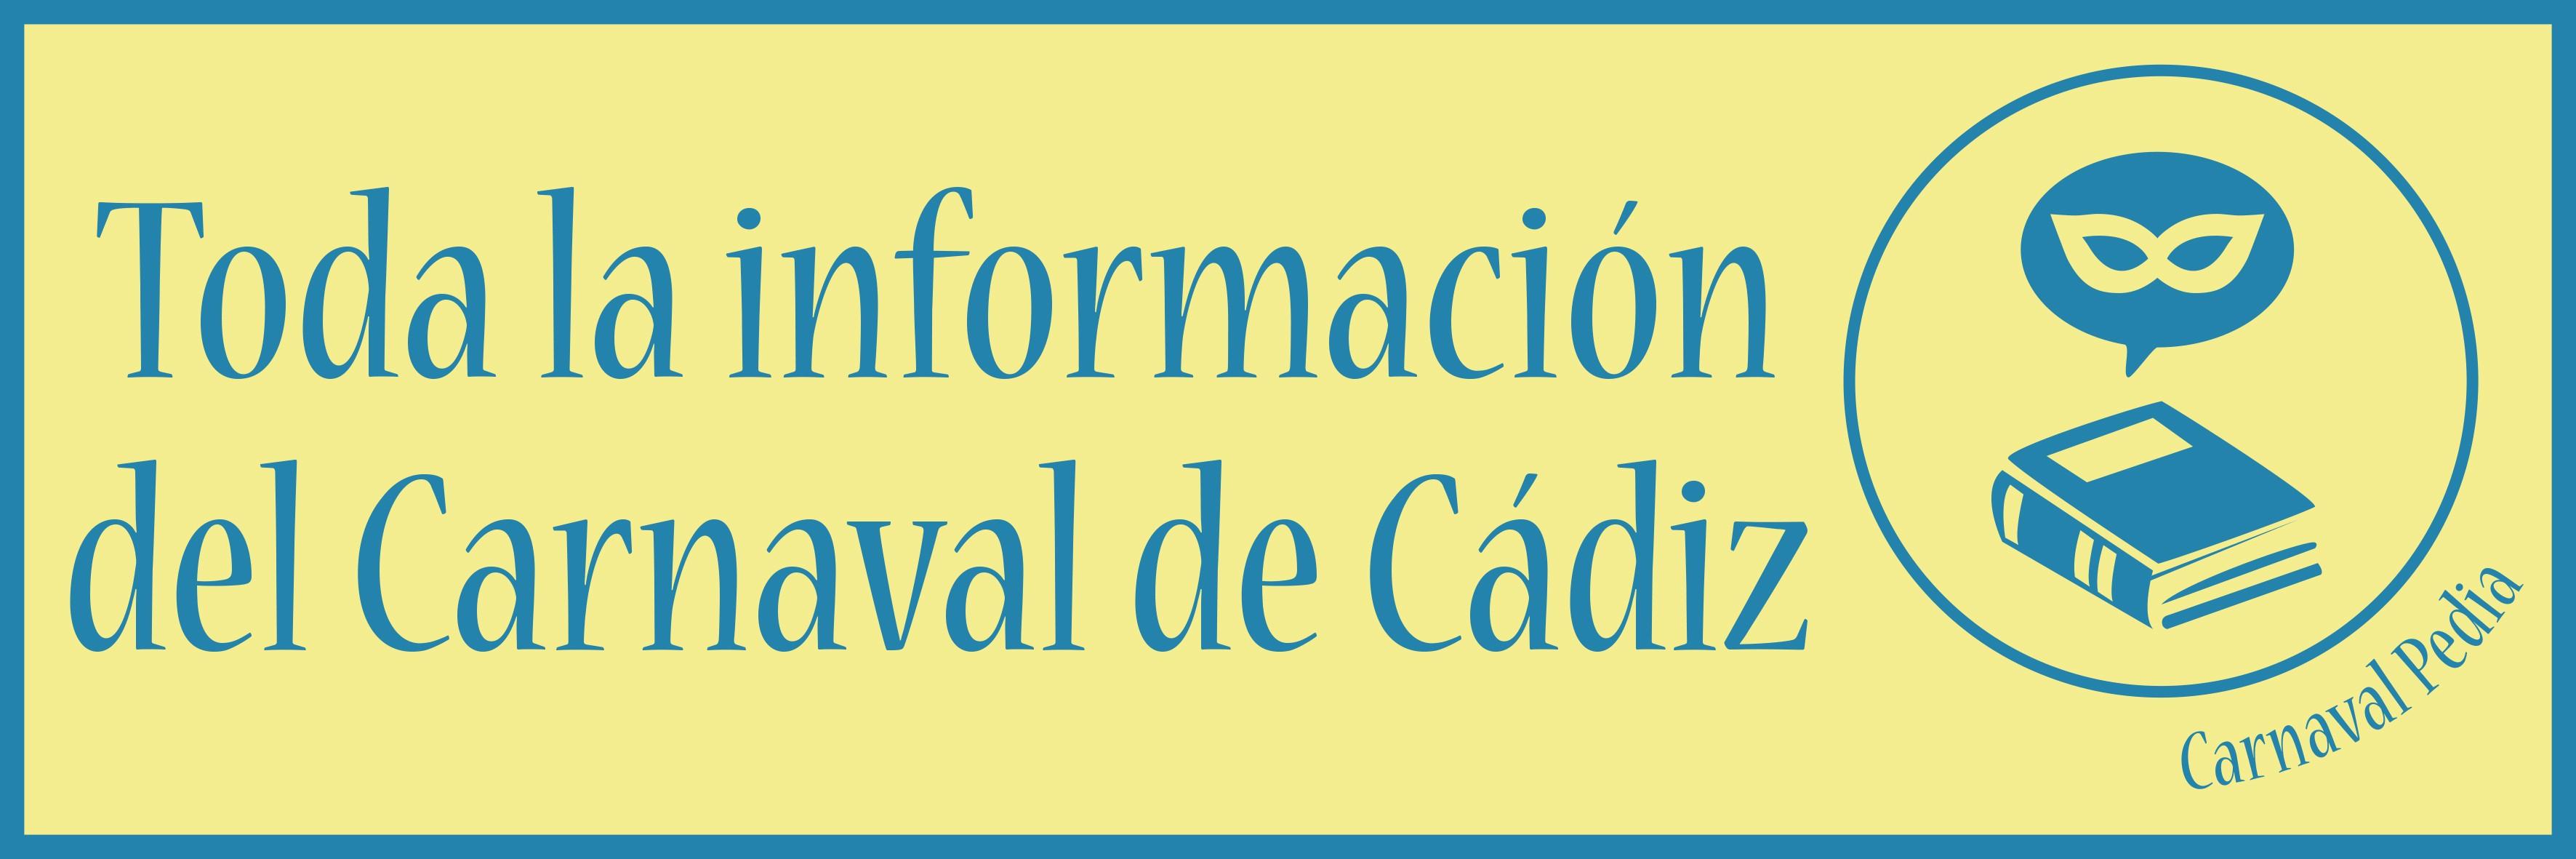 Calendario 2019 Martes De Carnaval Mejores Y Más Novedosos Diario Del Carnaval Diario De Cádiz